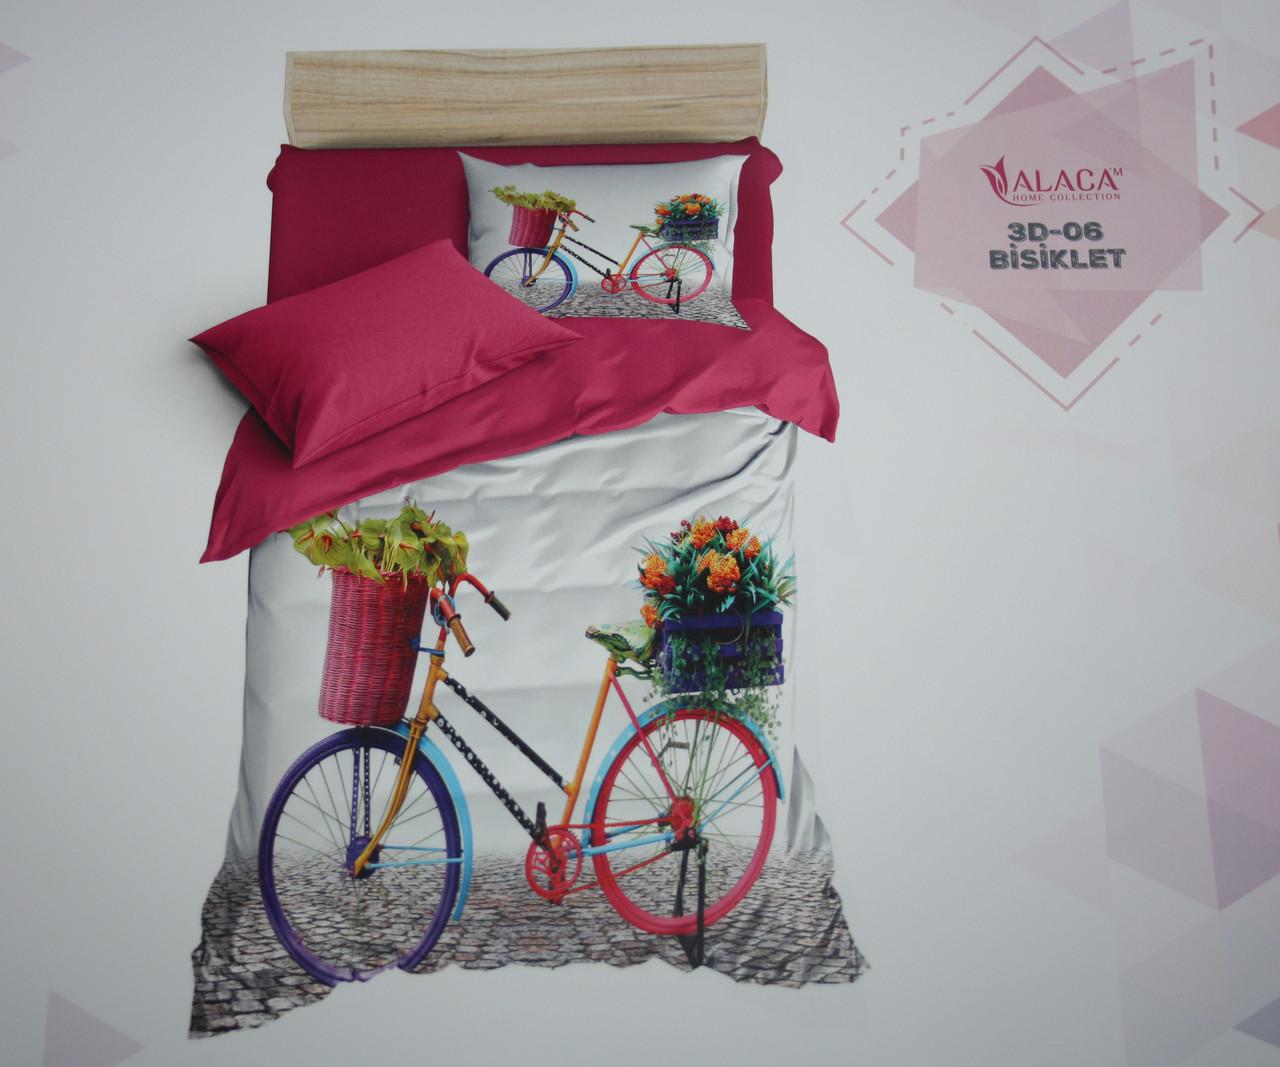 Постельное белье полуторное ALACA 3D Bisiklet